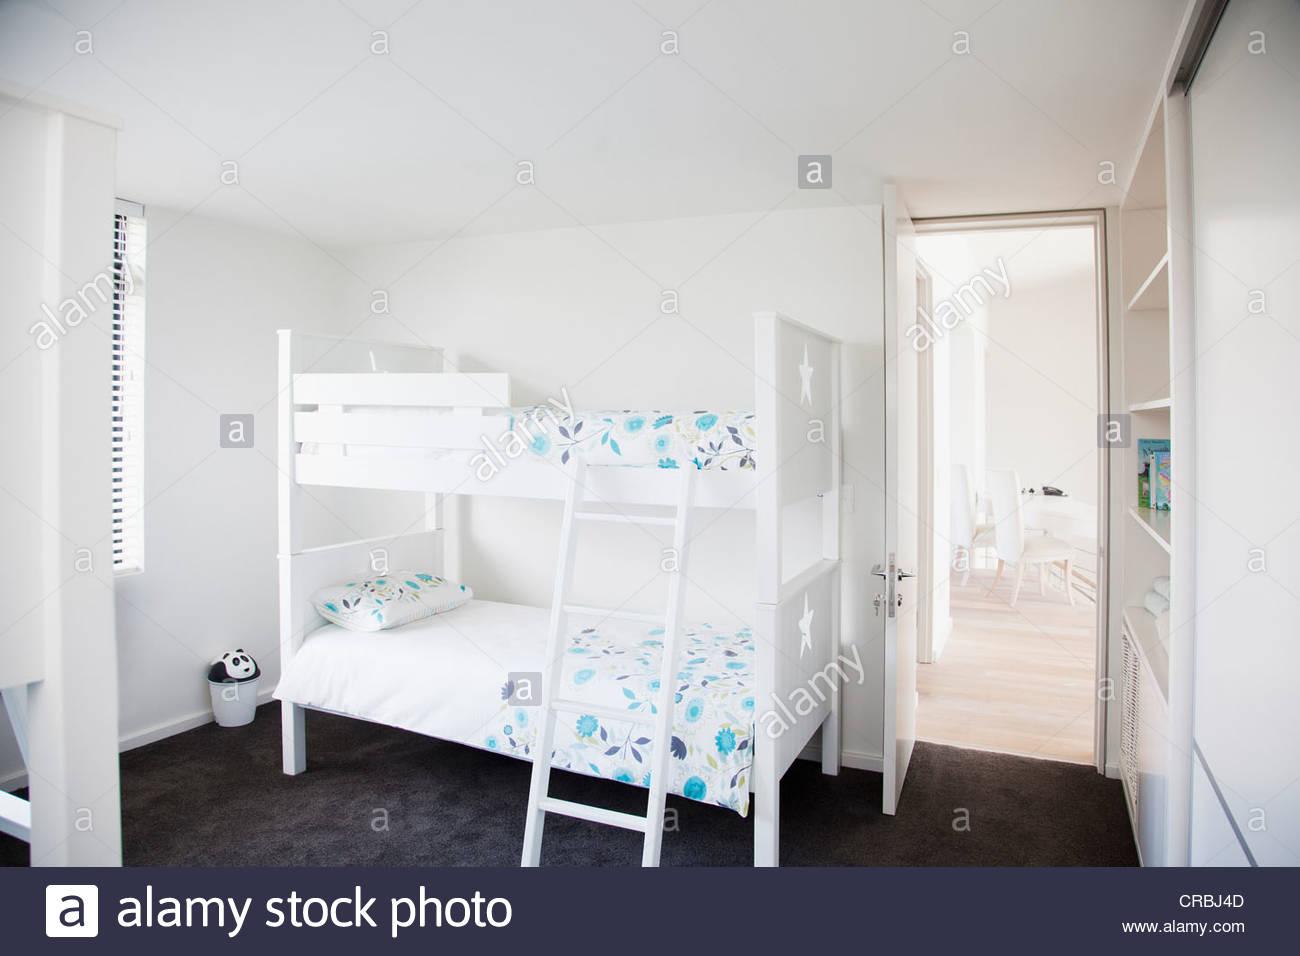 Bunk beds in children's bedroom - Stock Image